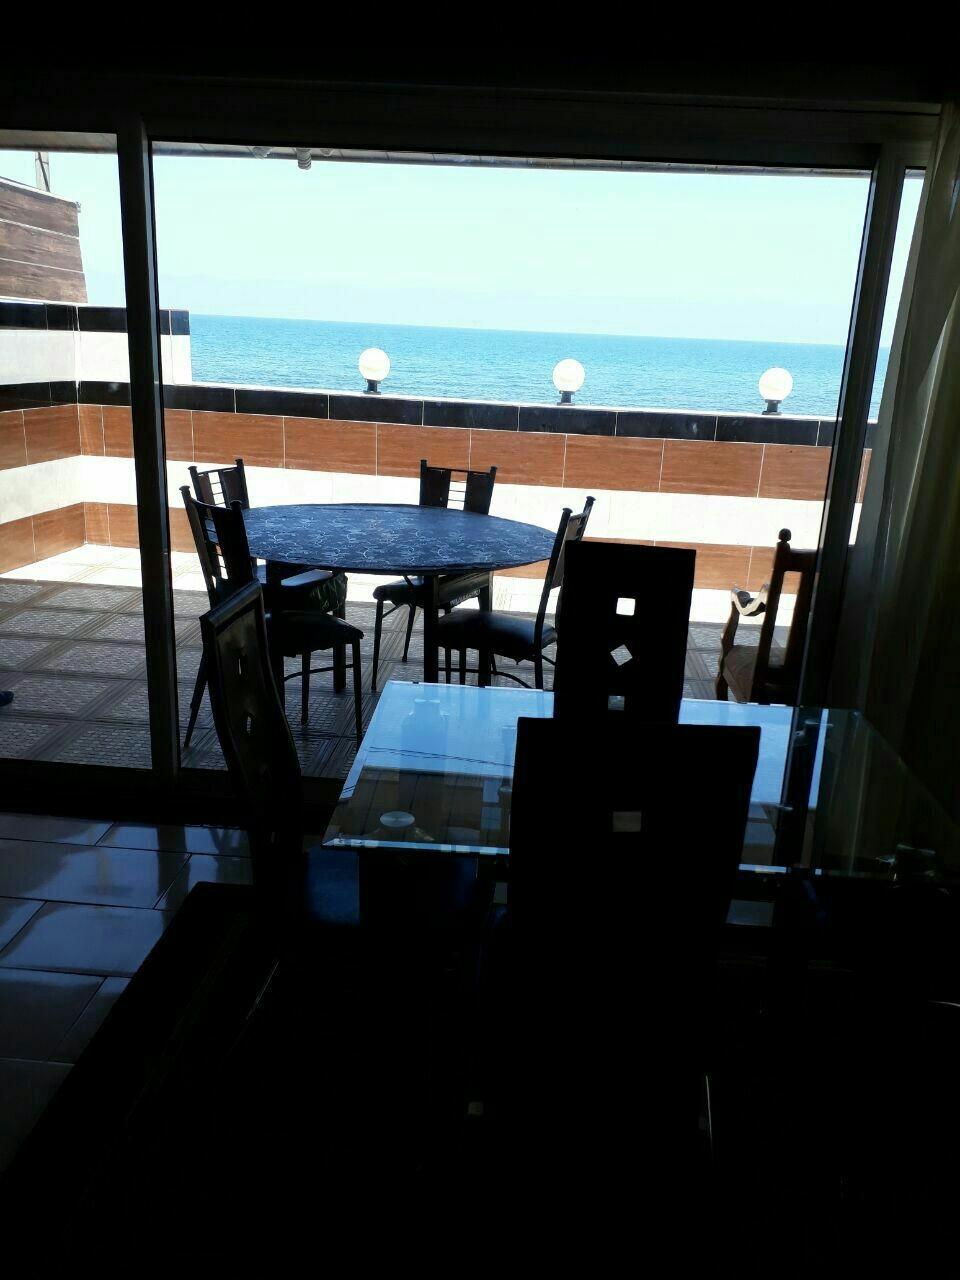 ساحلی ویلا روبه ساحل در رامسر